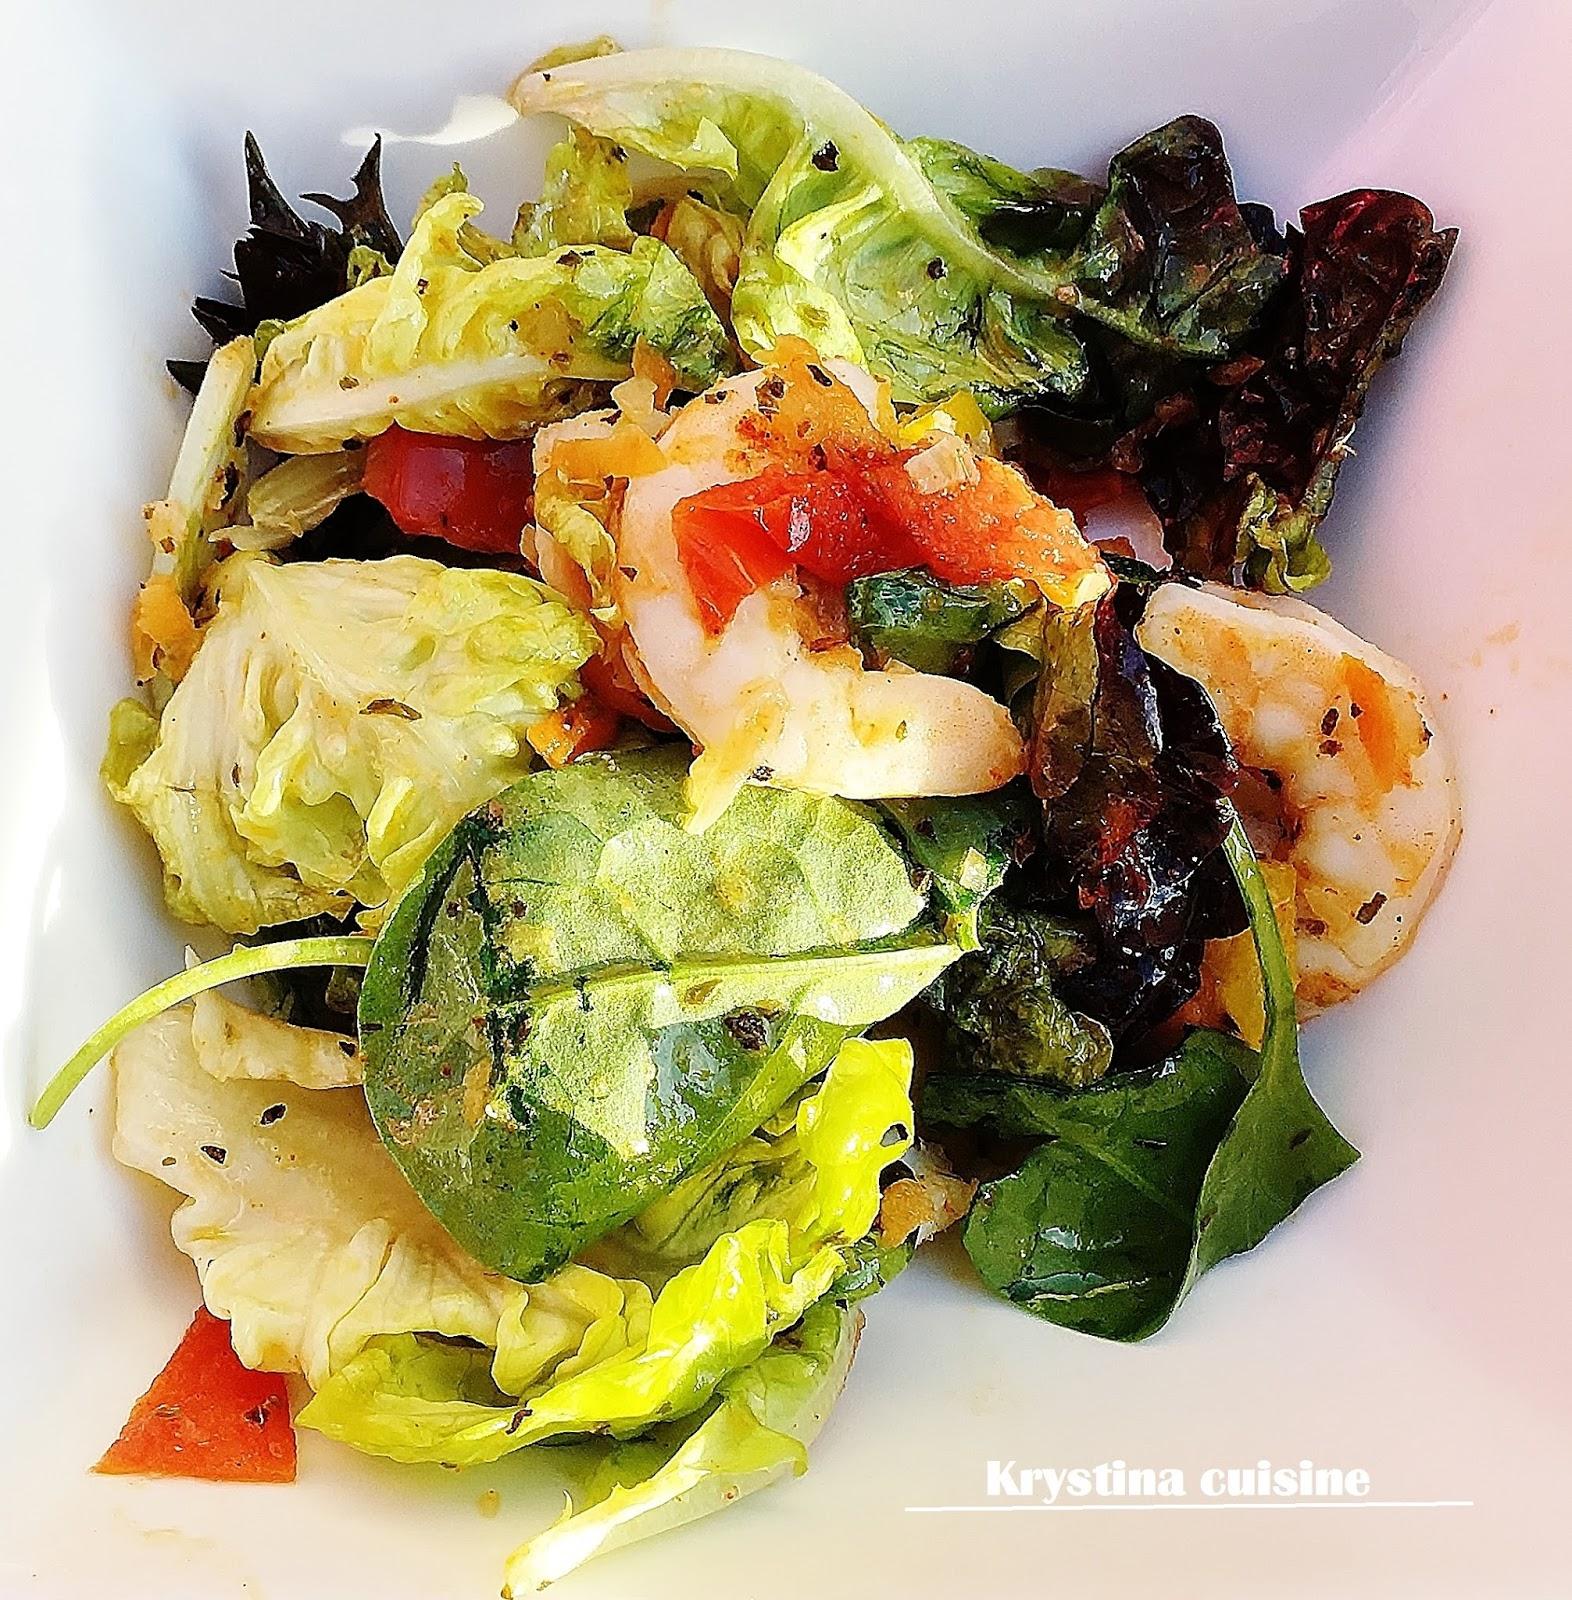 salade de pates froide